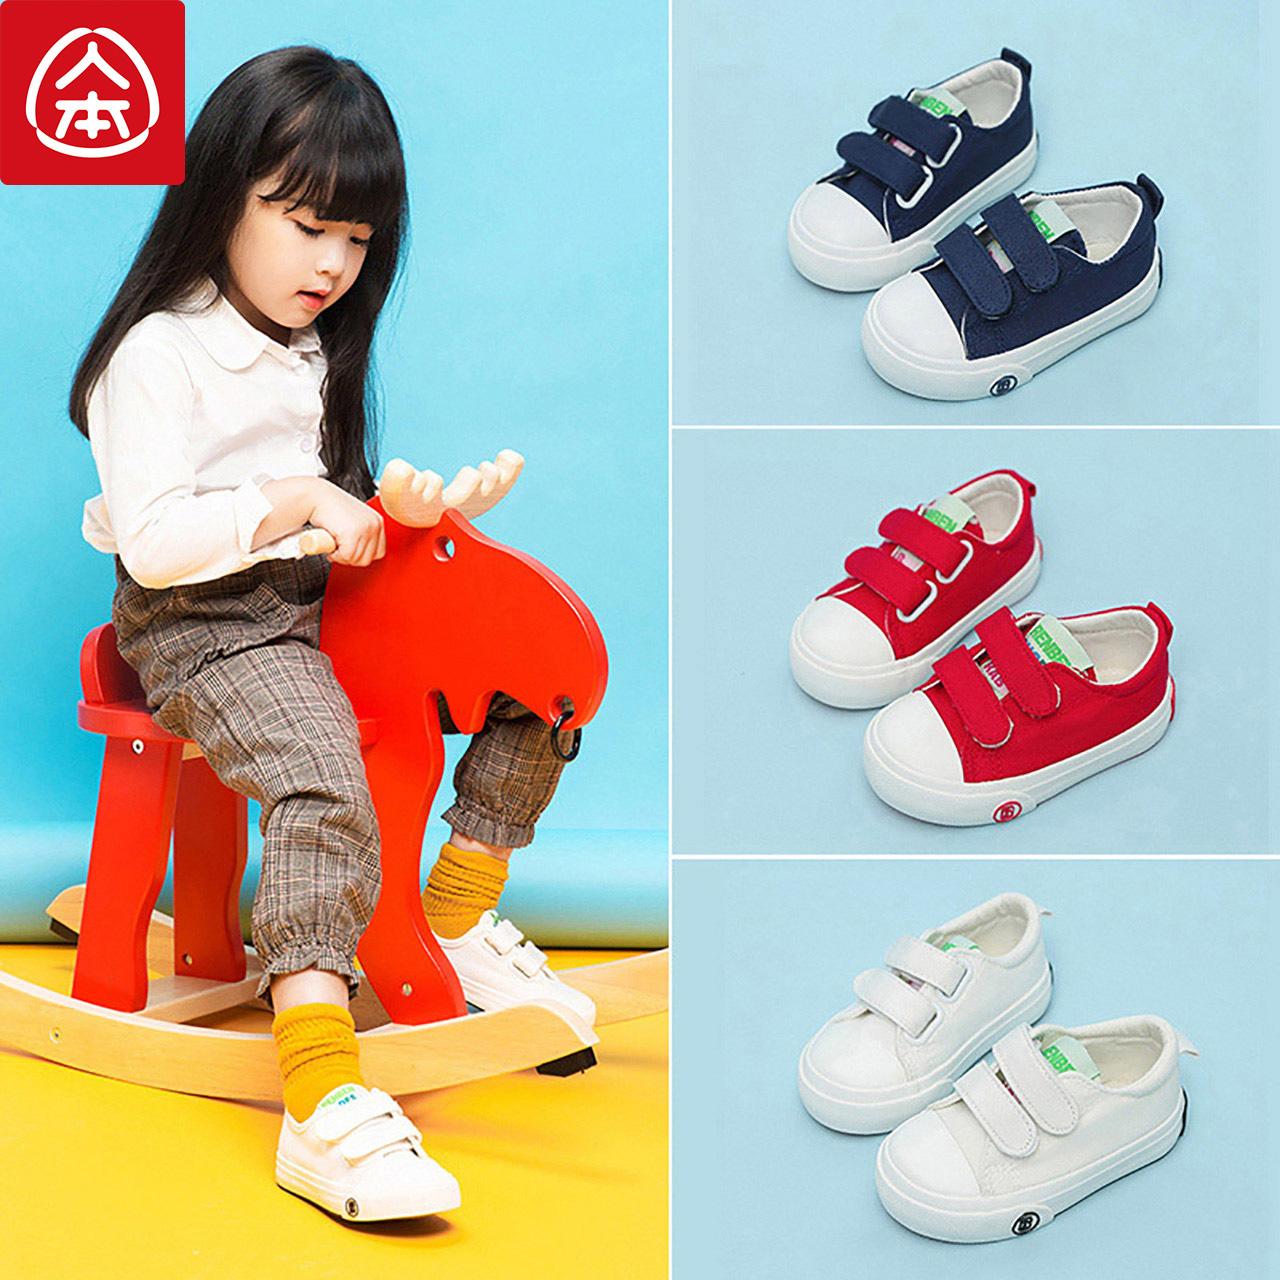 人本帆布鞋童鞋男童板鞋女童小白鞋儿童鞋子春秋季宝宝布鞋休闲鞋